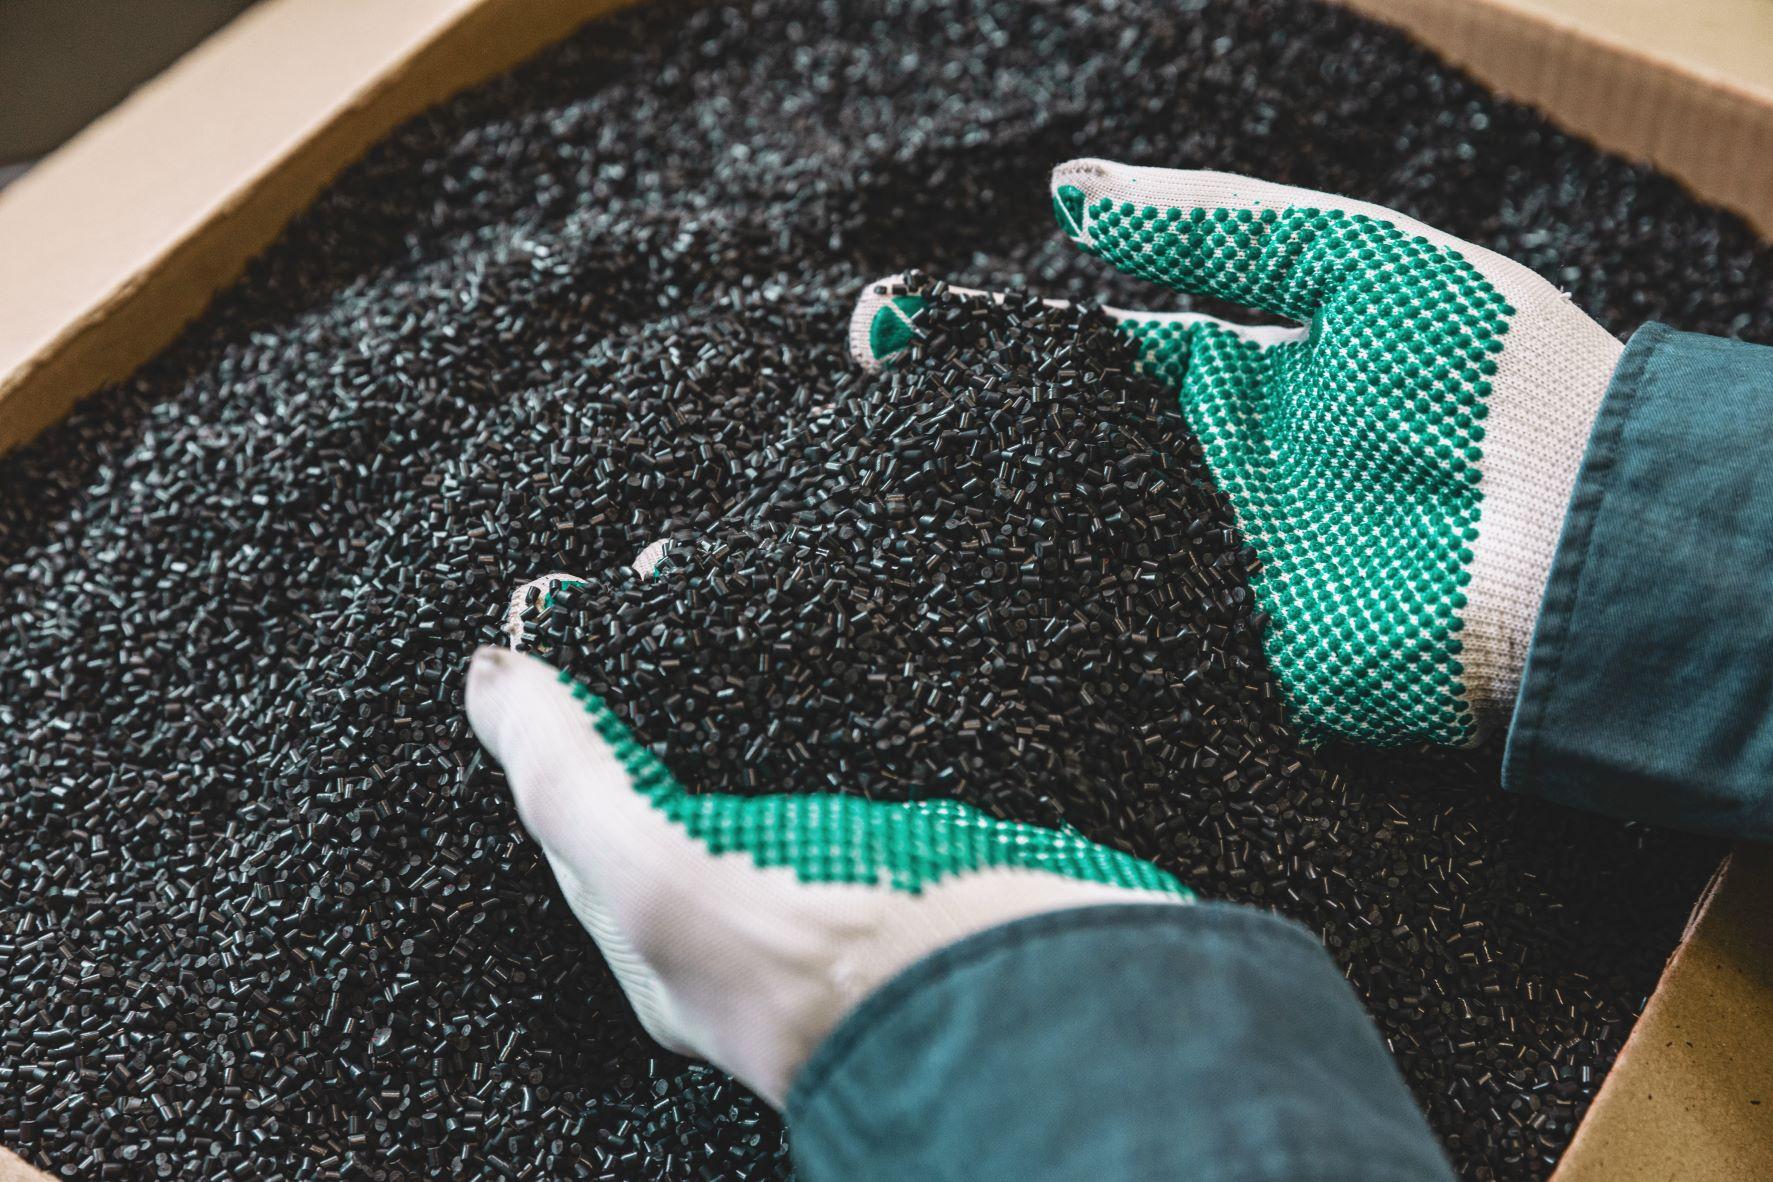 A vállalat a környezetbarátabb termékek fejlesztésével, valamint a termékek élettartamának és javíthatóságának fejlesztésével, és azok újrahasznosításával kíván hozzájárulni a körforgásos gazdaság megteremtéséhez